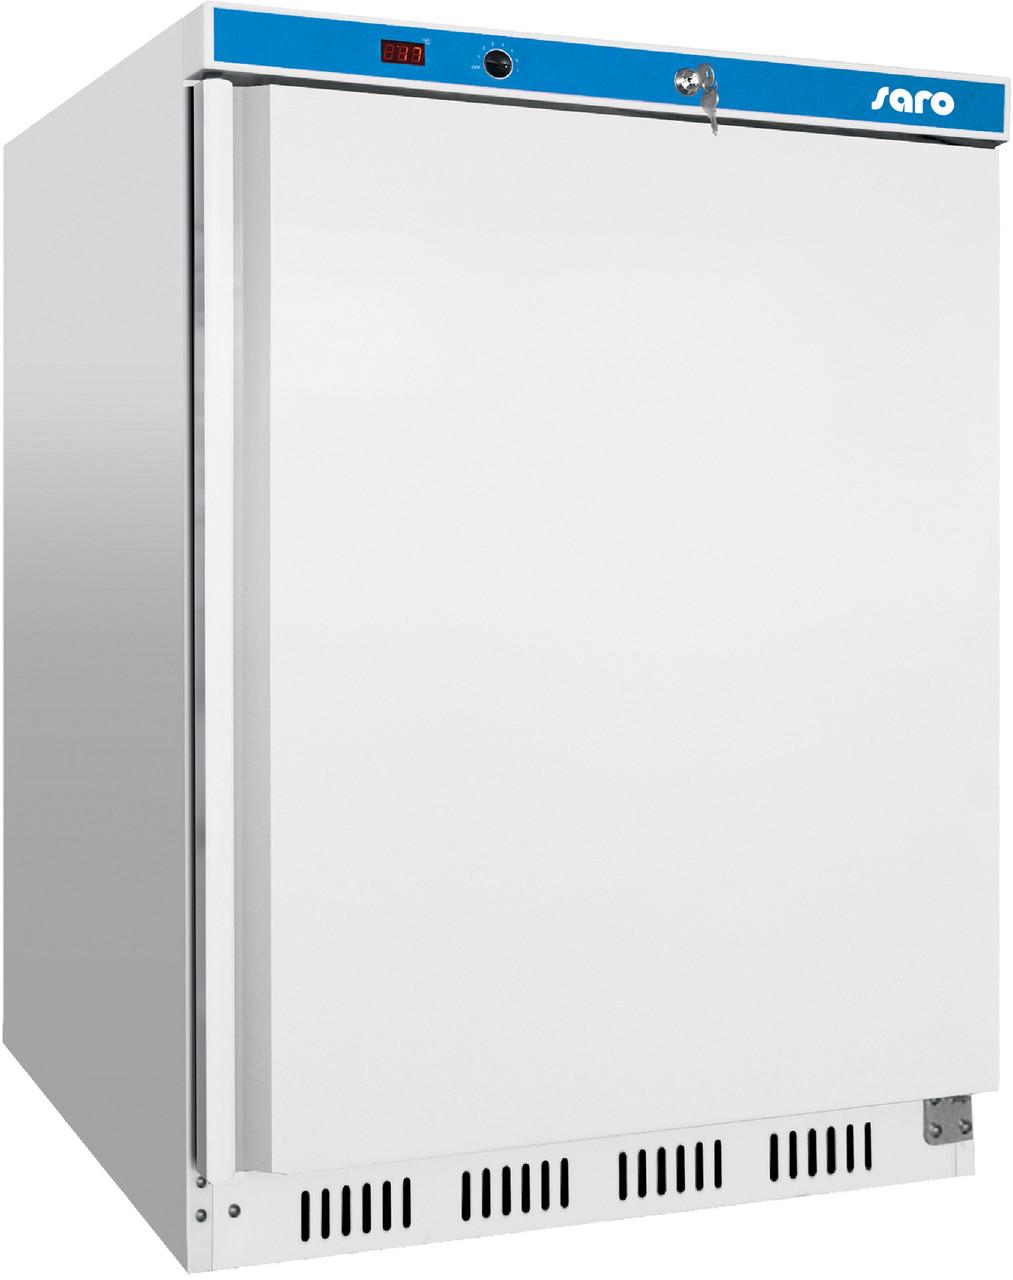 Вентилируемый холодильник  HK 200 Saro